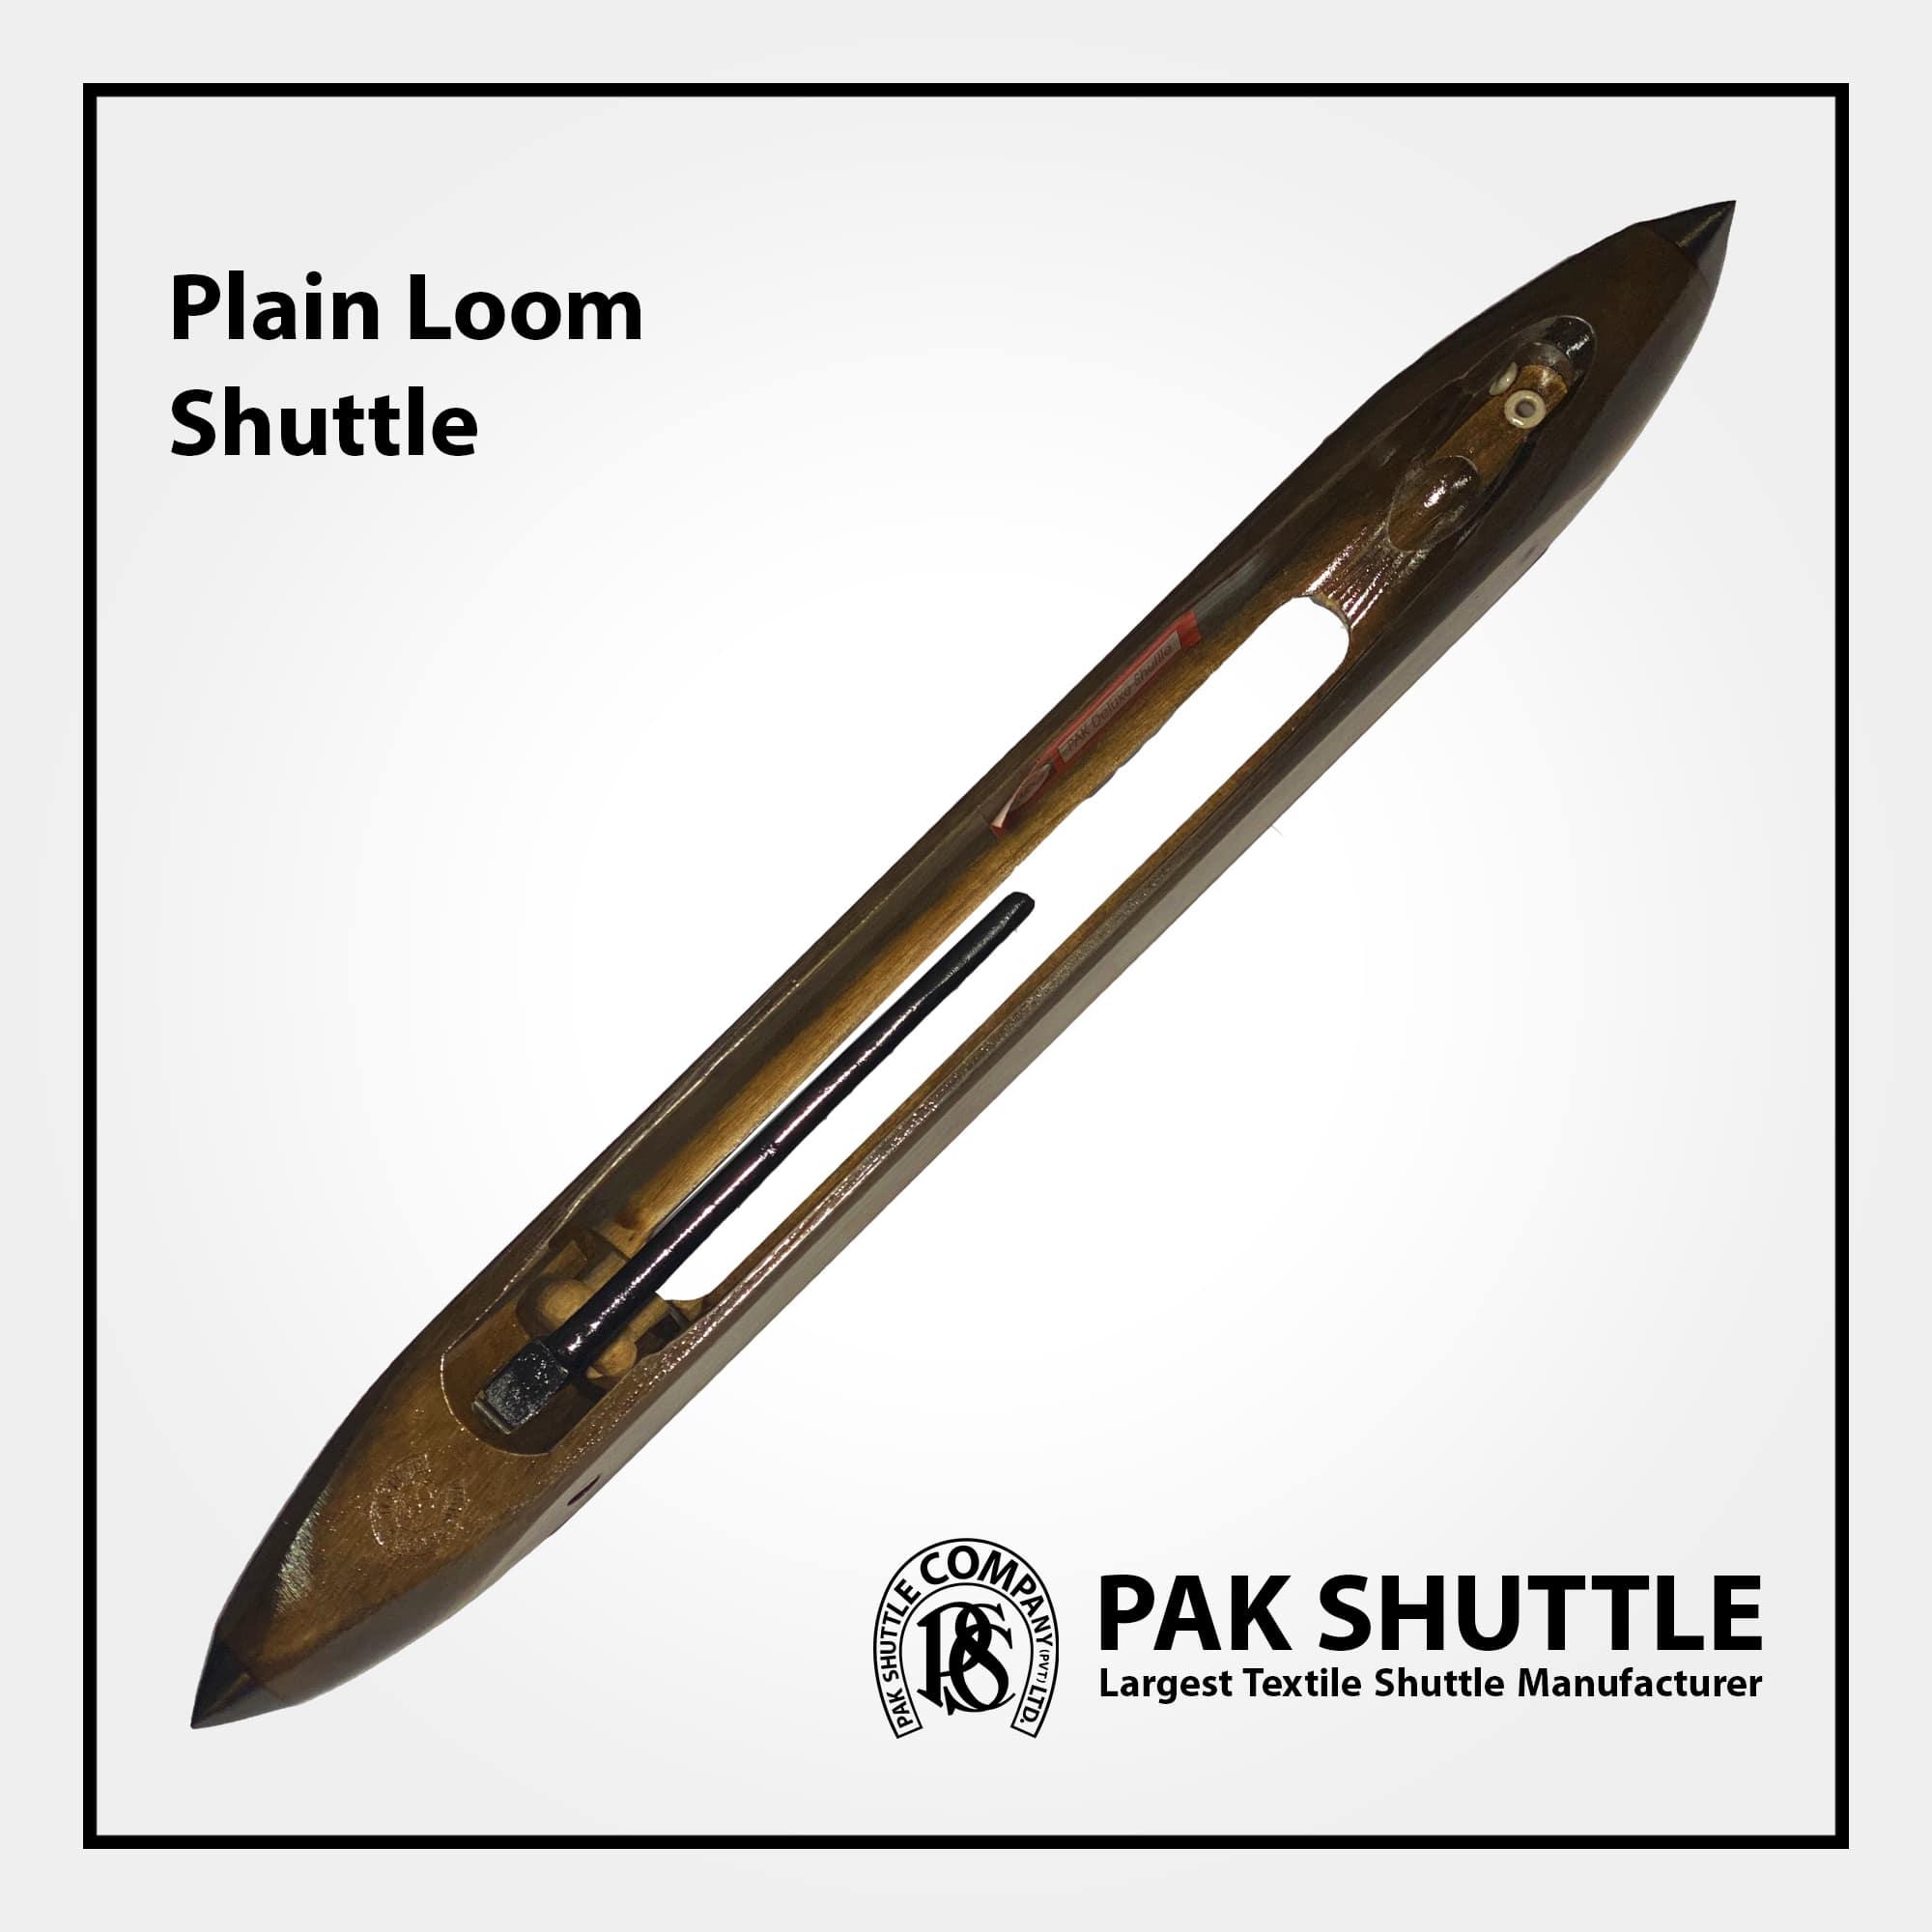 Plain Loom Shuttle by Pak Shuttle Company Pvt Ltd.